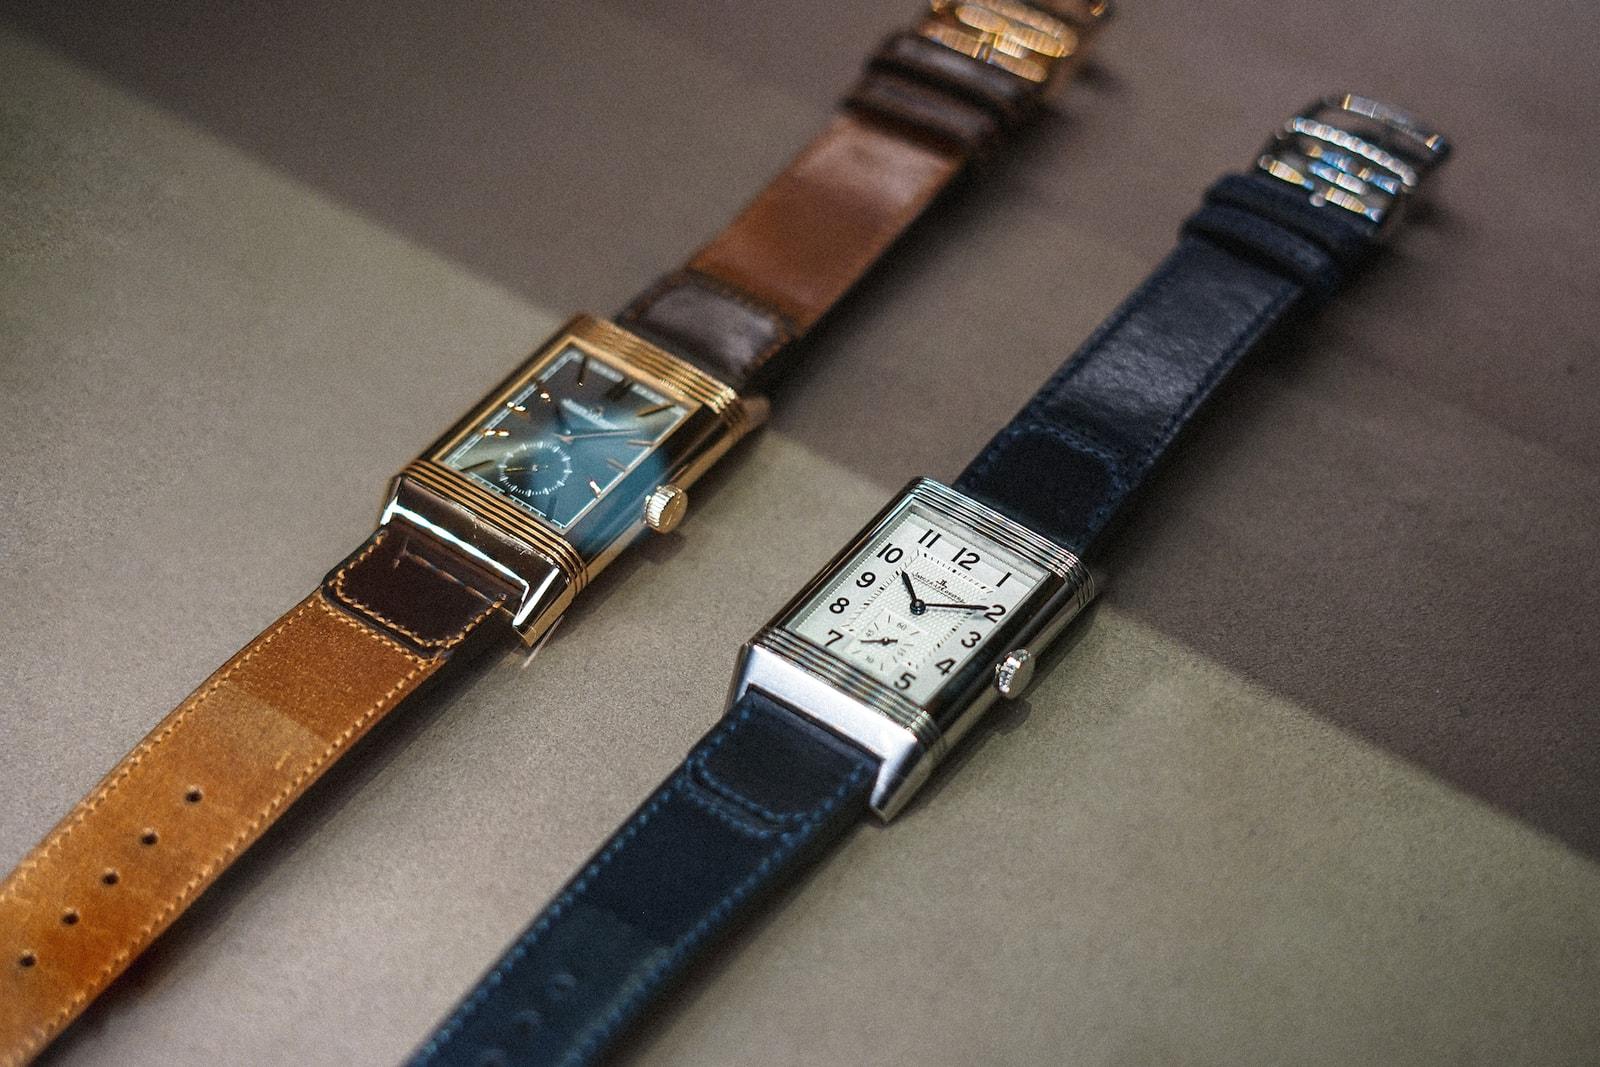 近賞 Jaeger-LeCoultre 年度大作 Polaris 系列腕錶